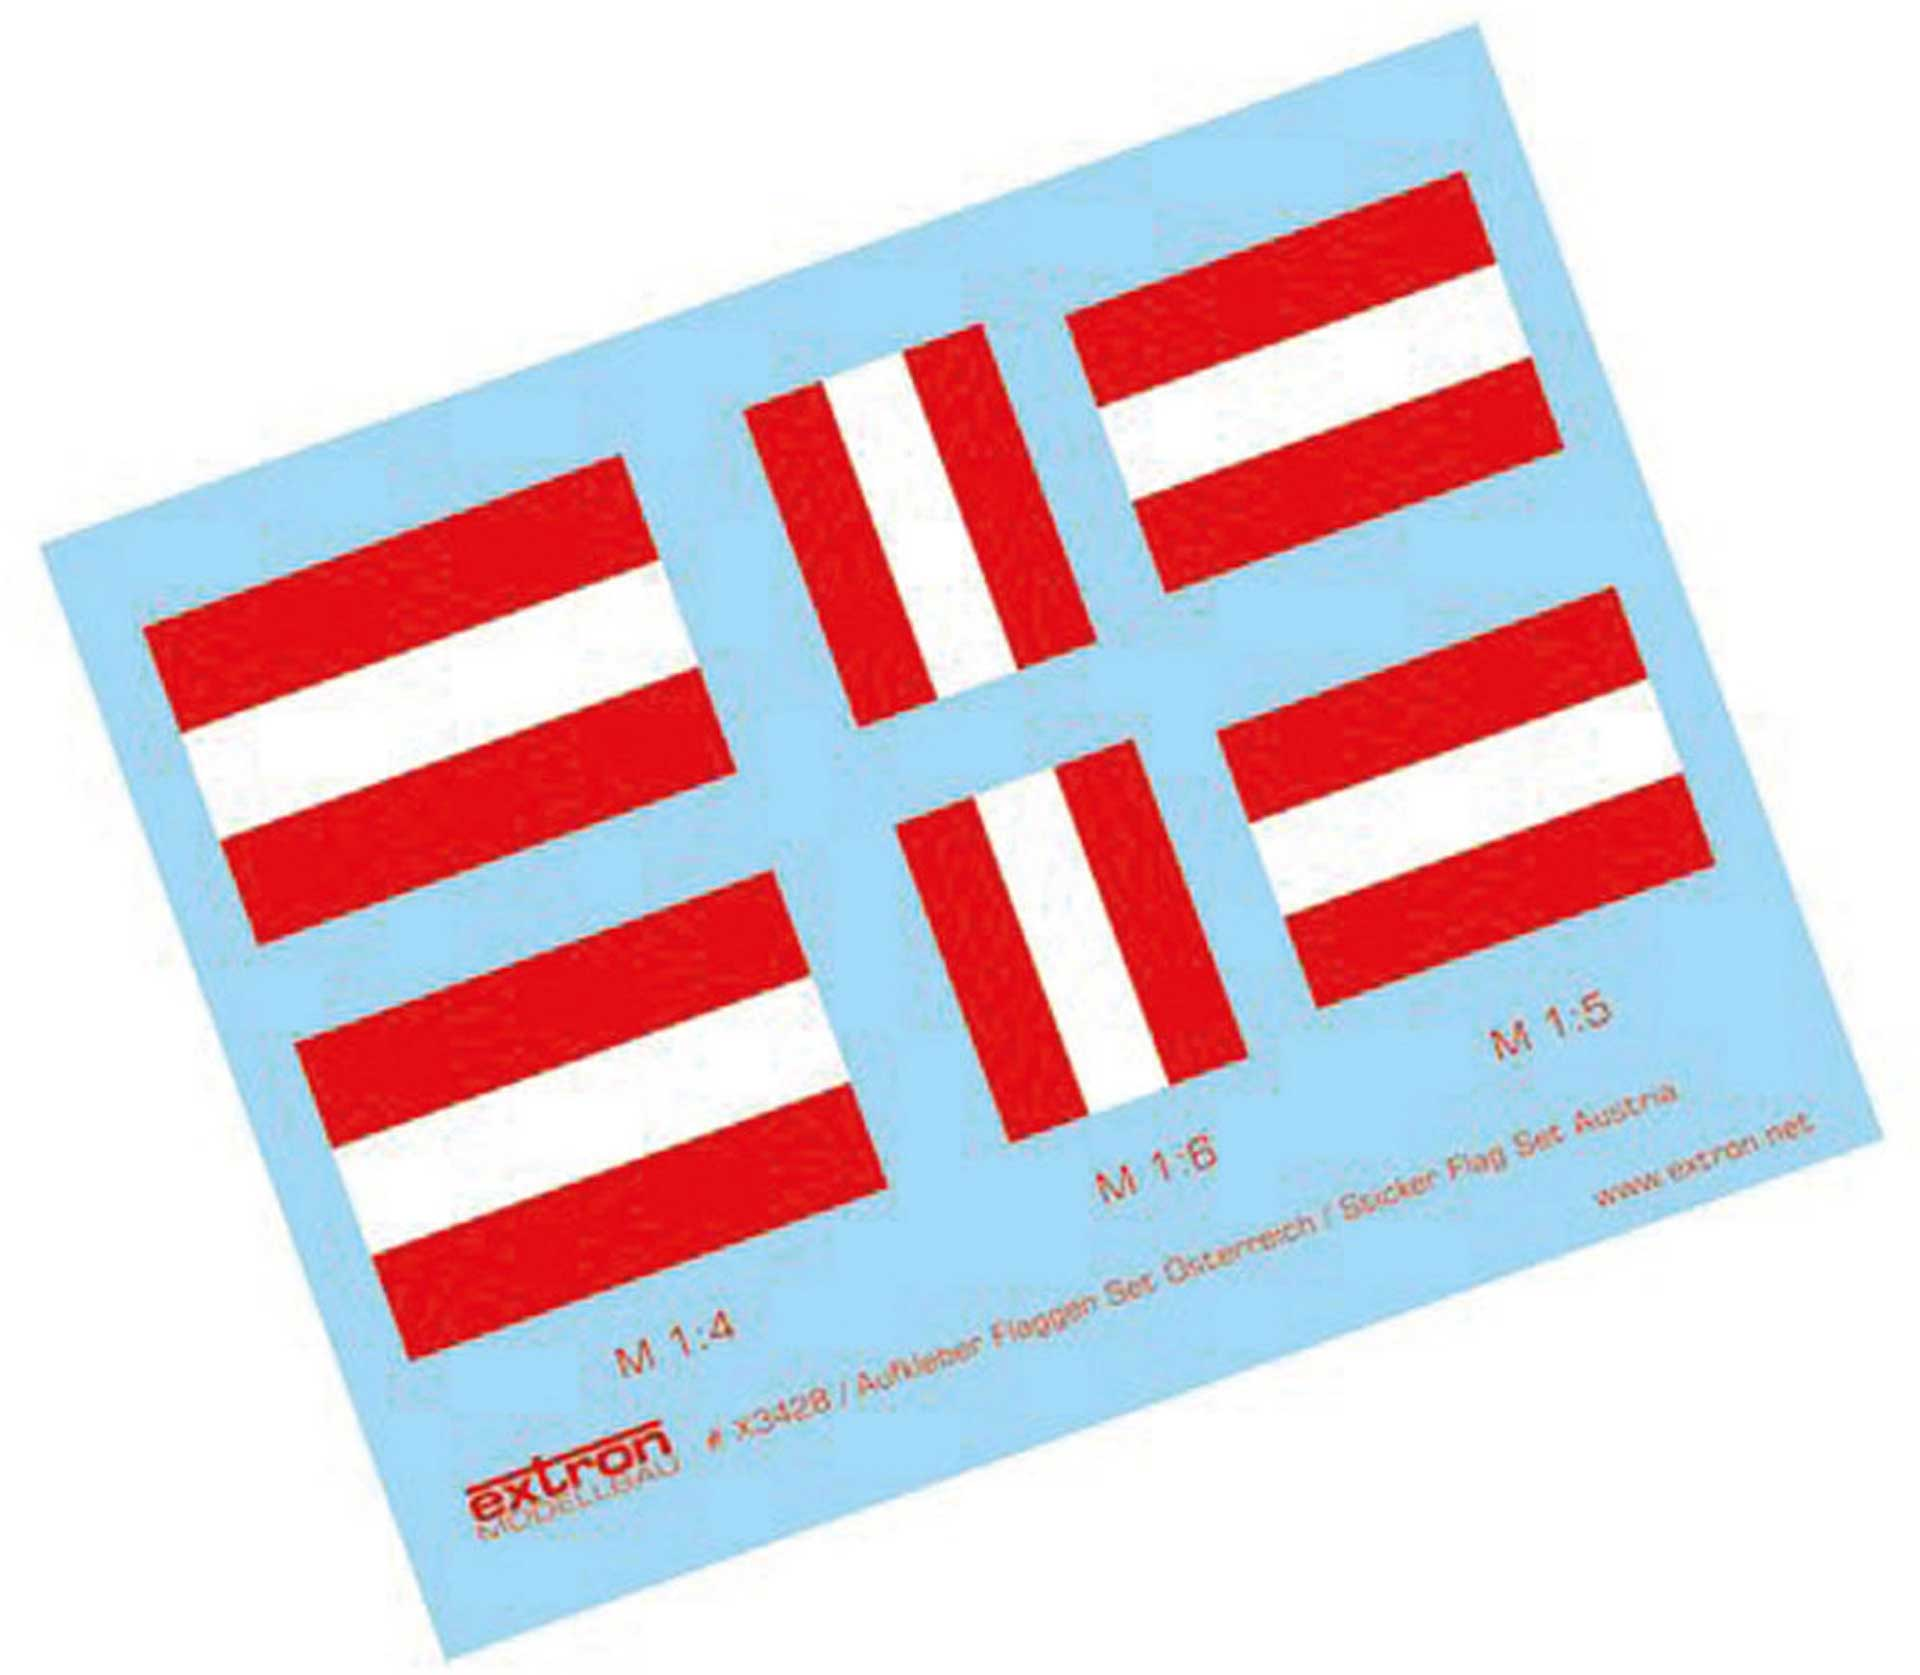 EXTRON AUFKLEBER FLAGGEN ÖSTERREICH